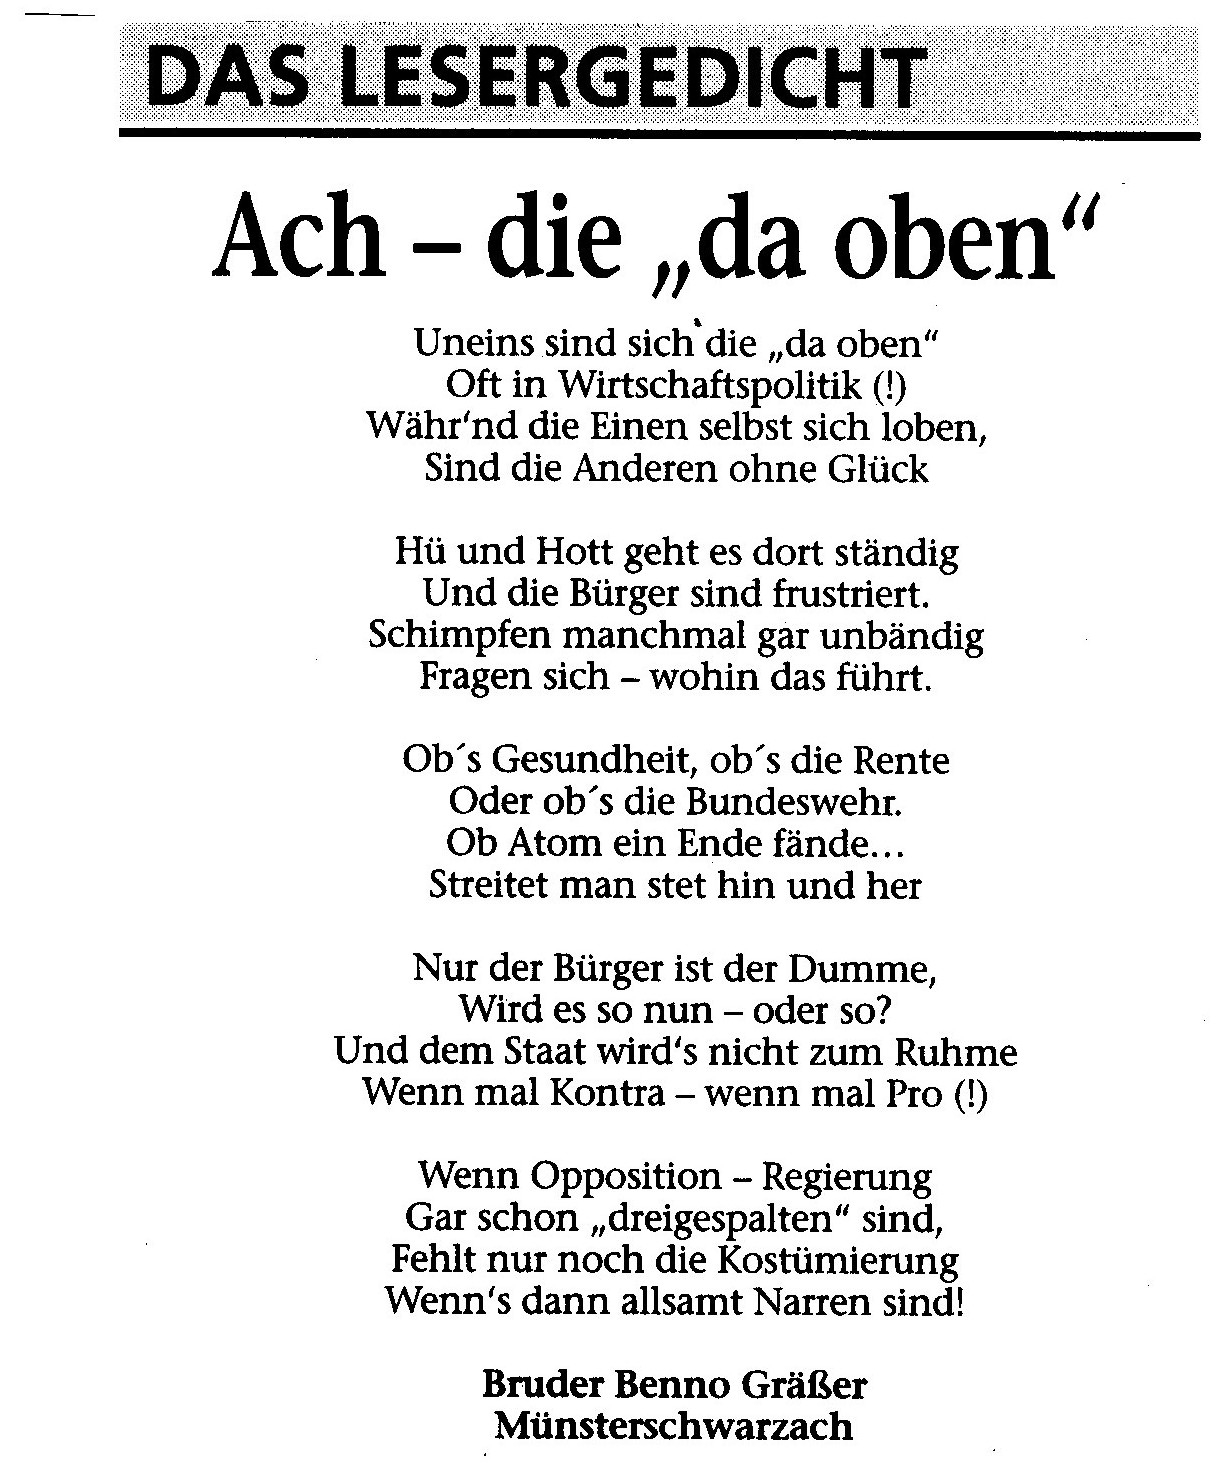 Gedicht Zum Abschied Kollegin Lustig Hylenmaddawardscom